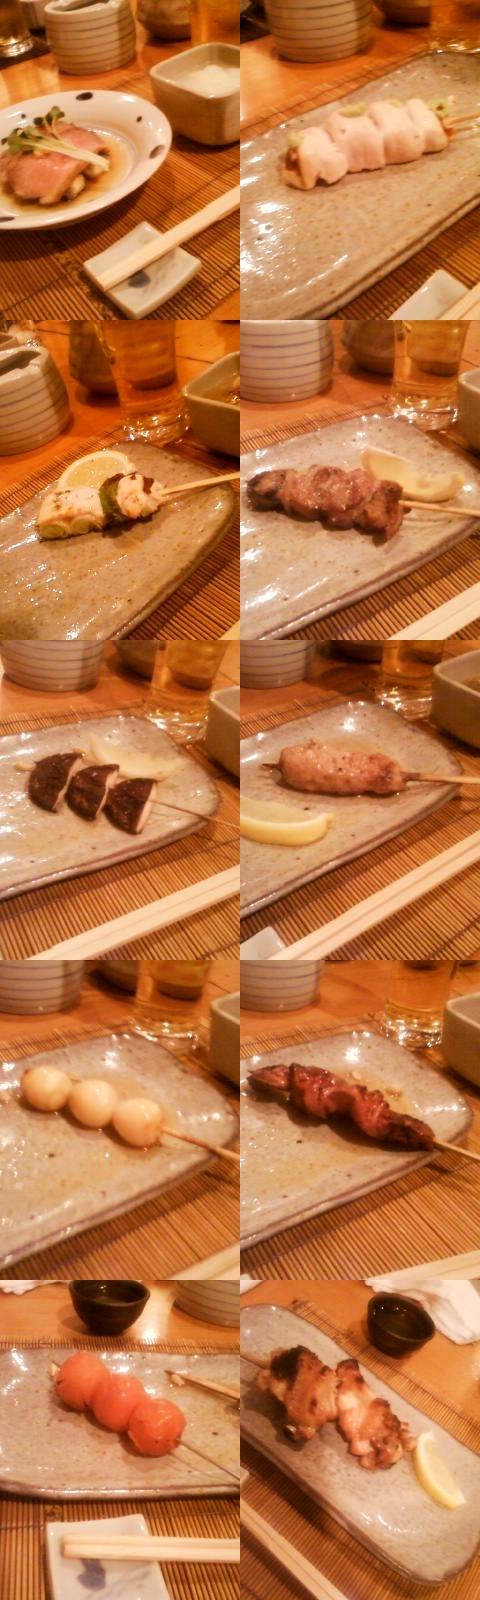 2012_01_21_01.jpg